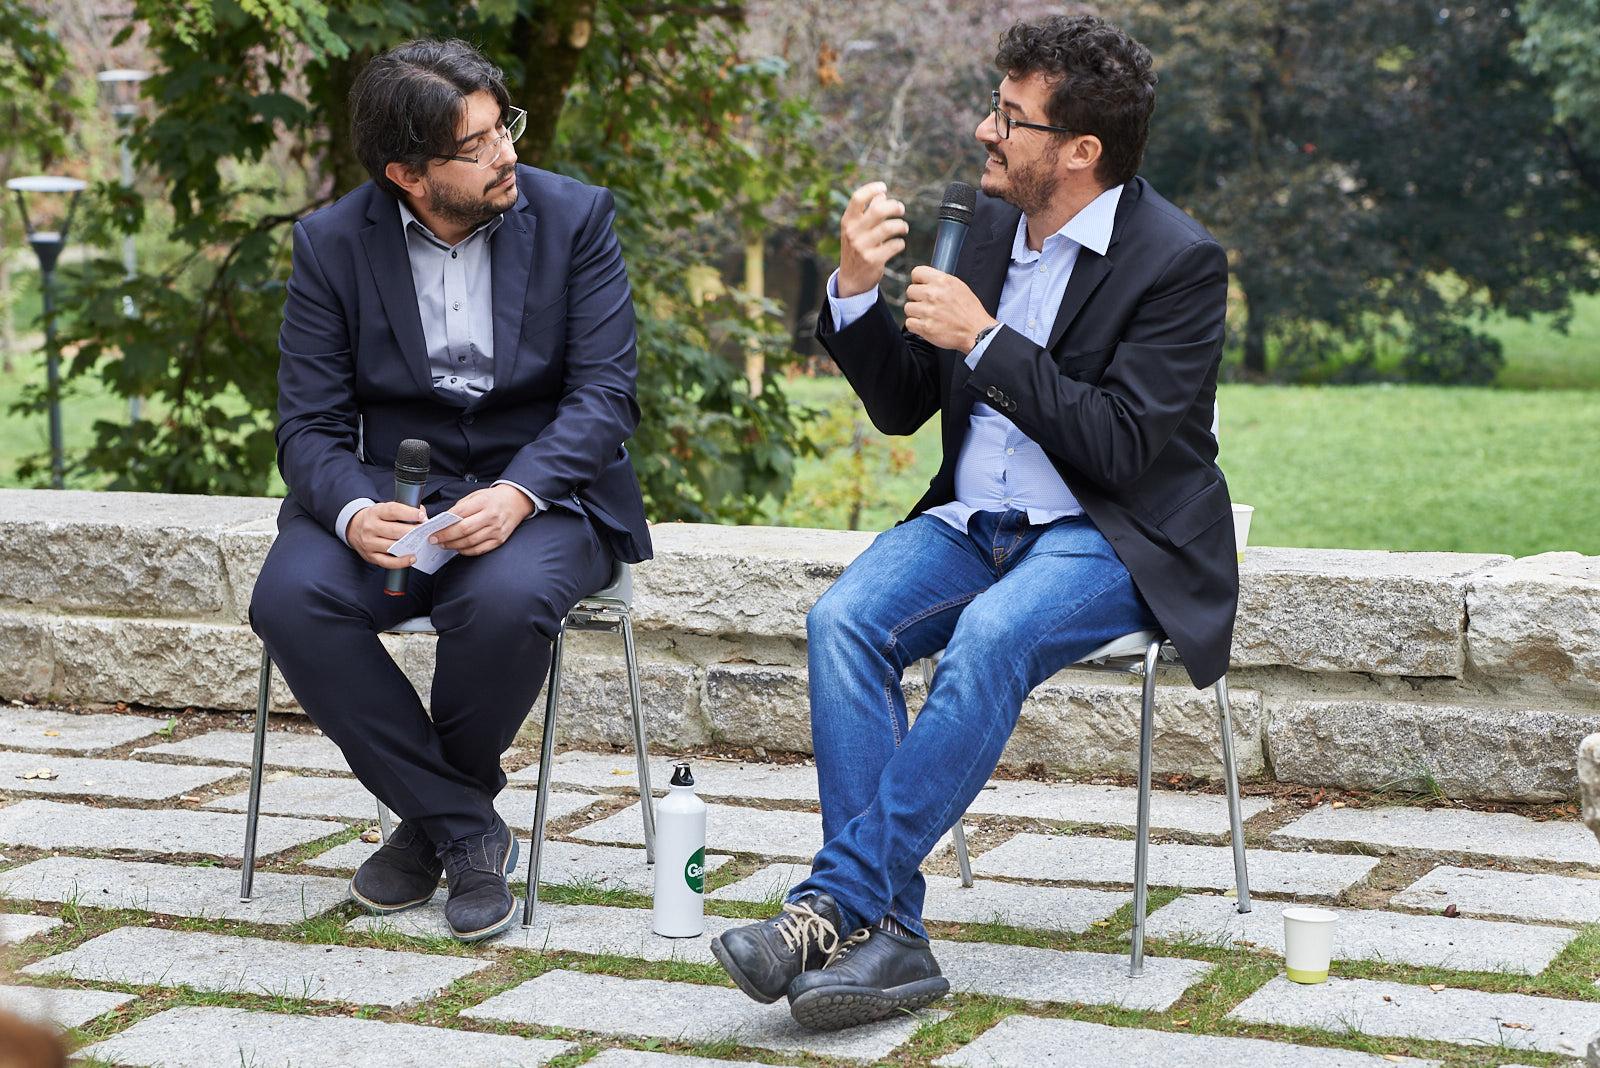 Simone Zoppellaro ed Emanuele Bompan, giornalista ambientale e geografo